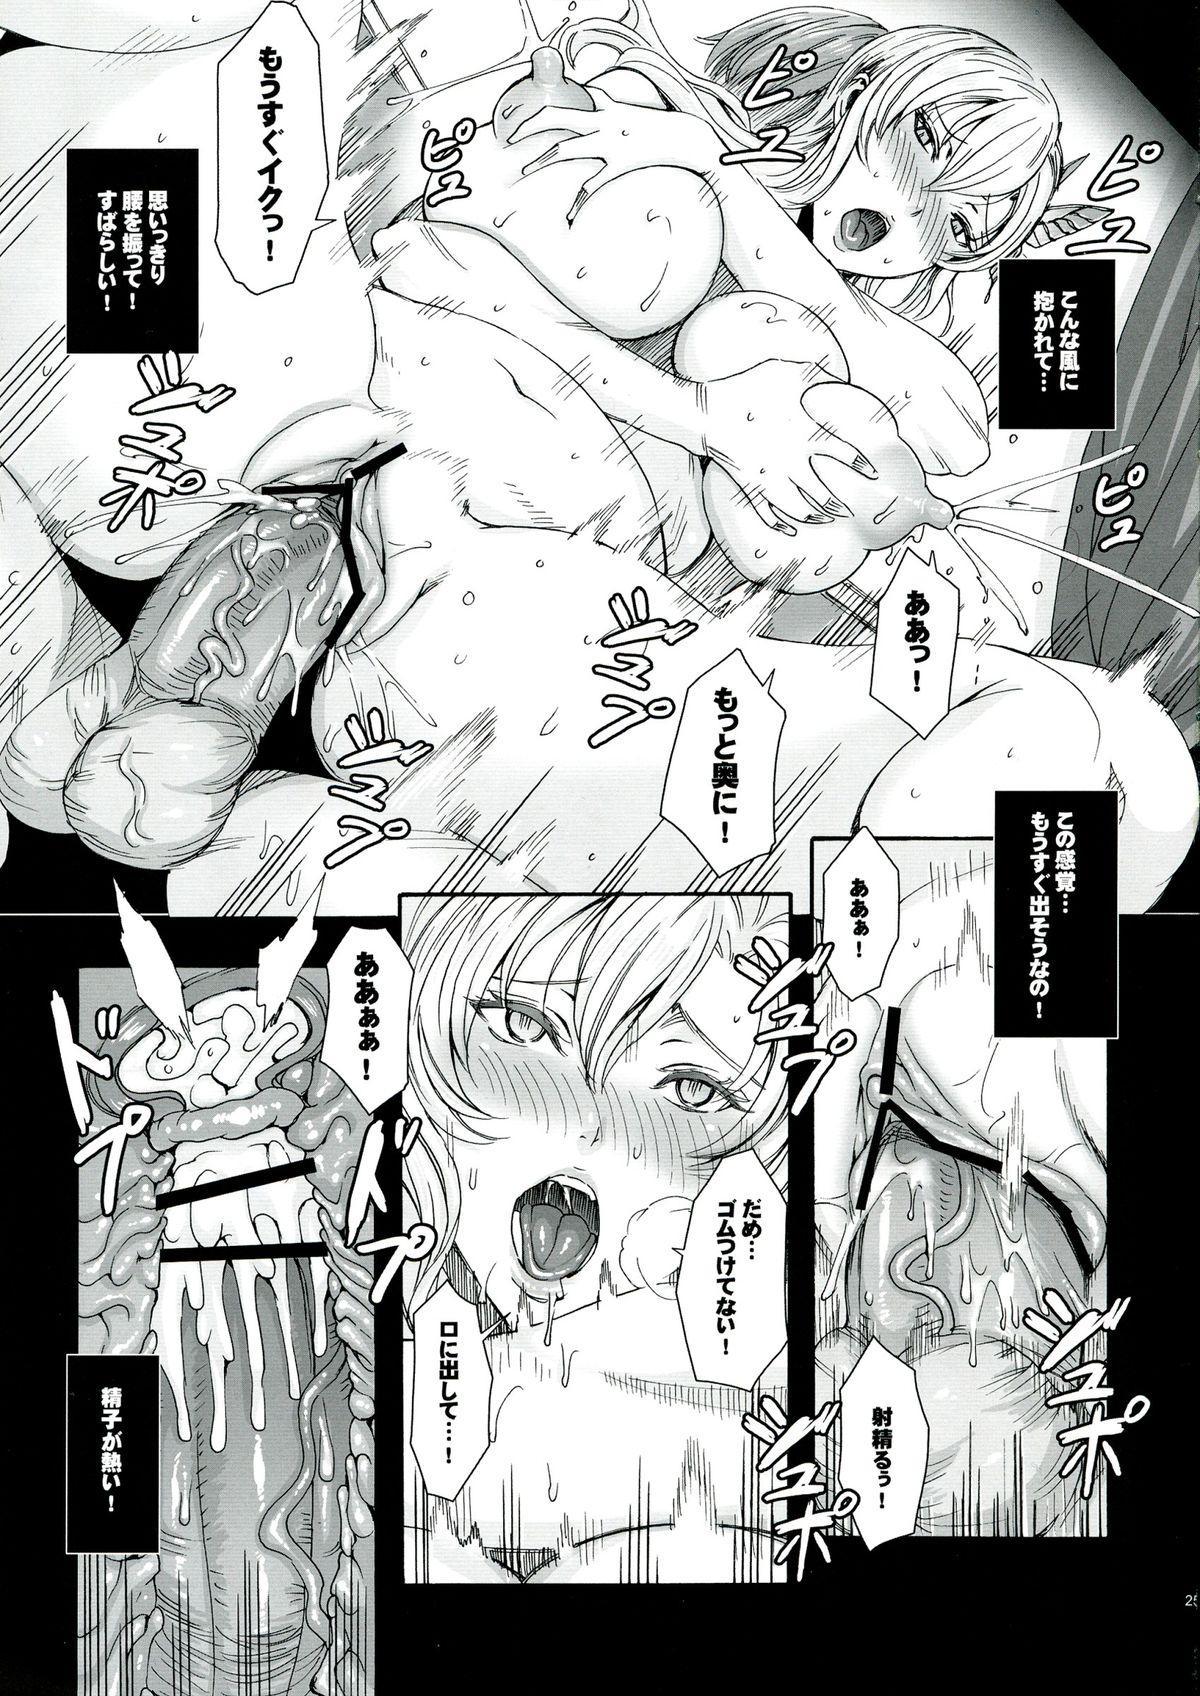 Sena 29sai Tomodachi ga Inai 24